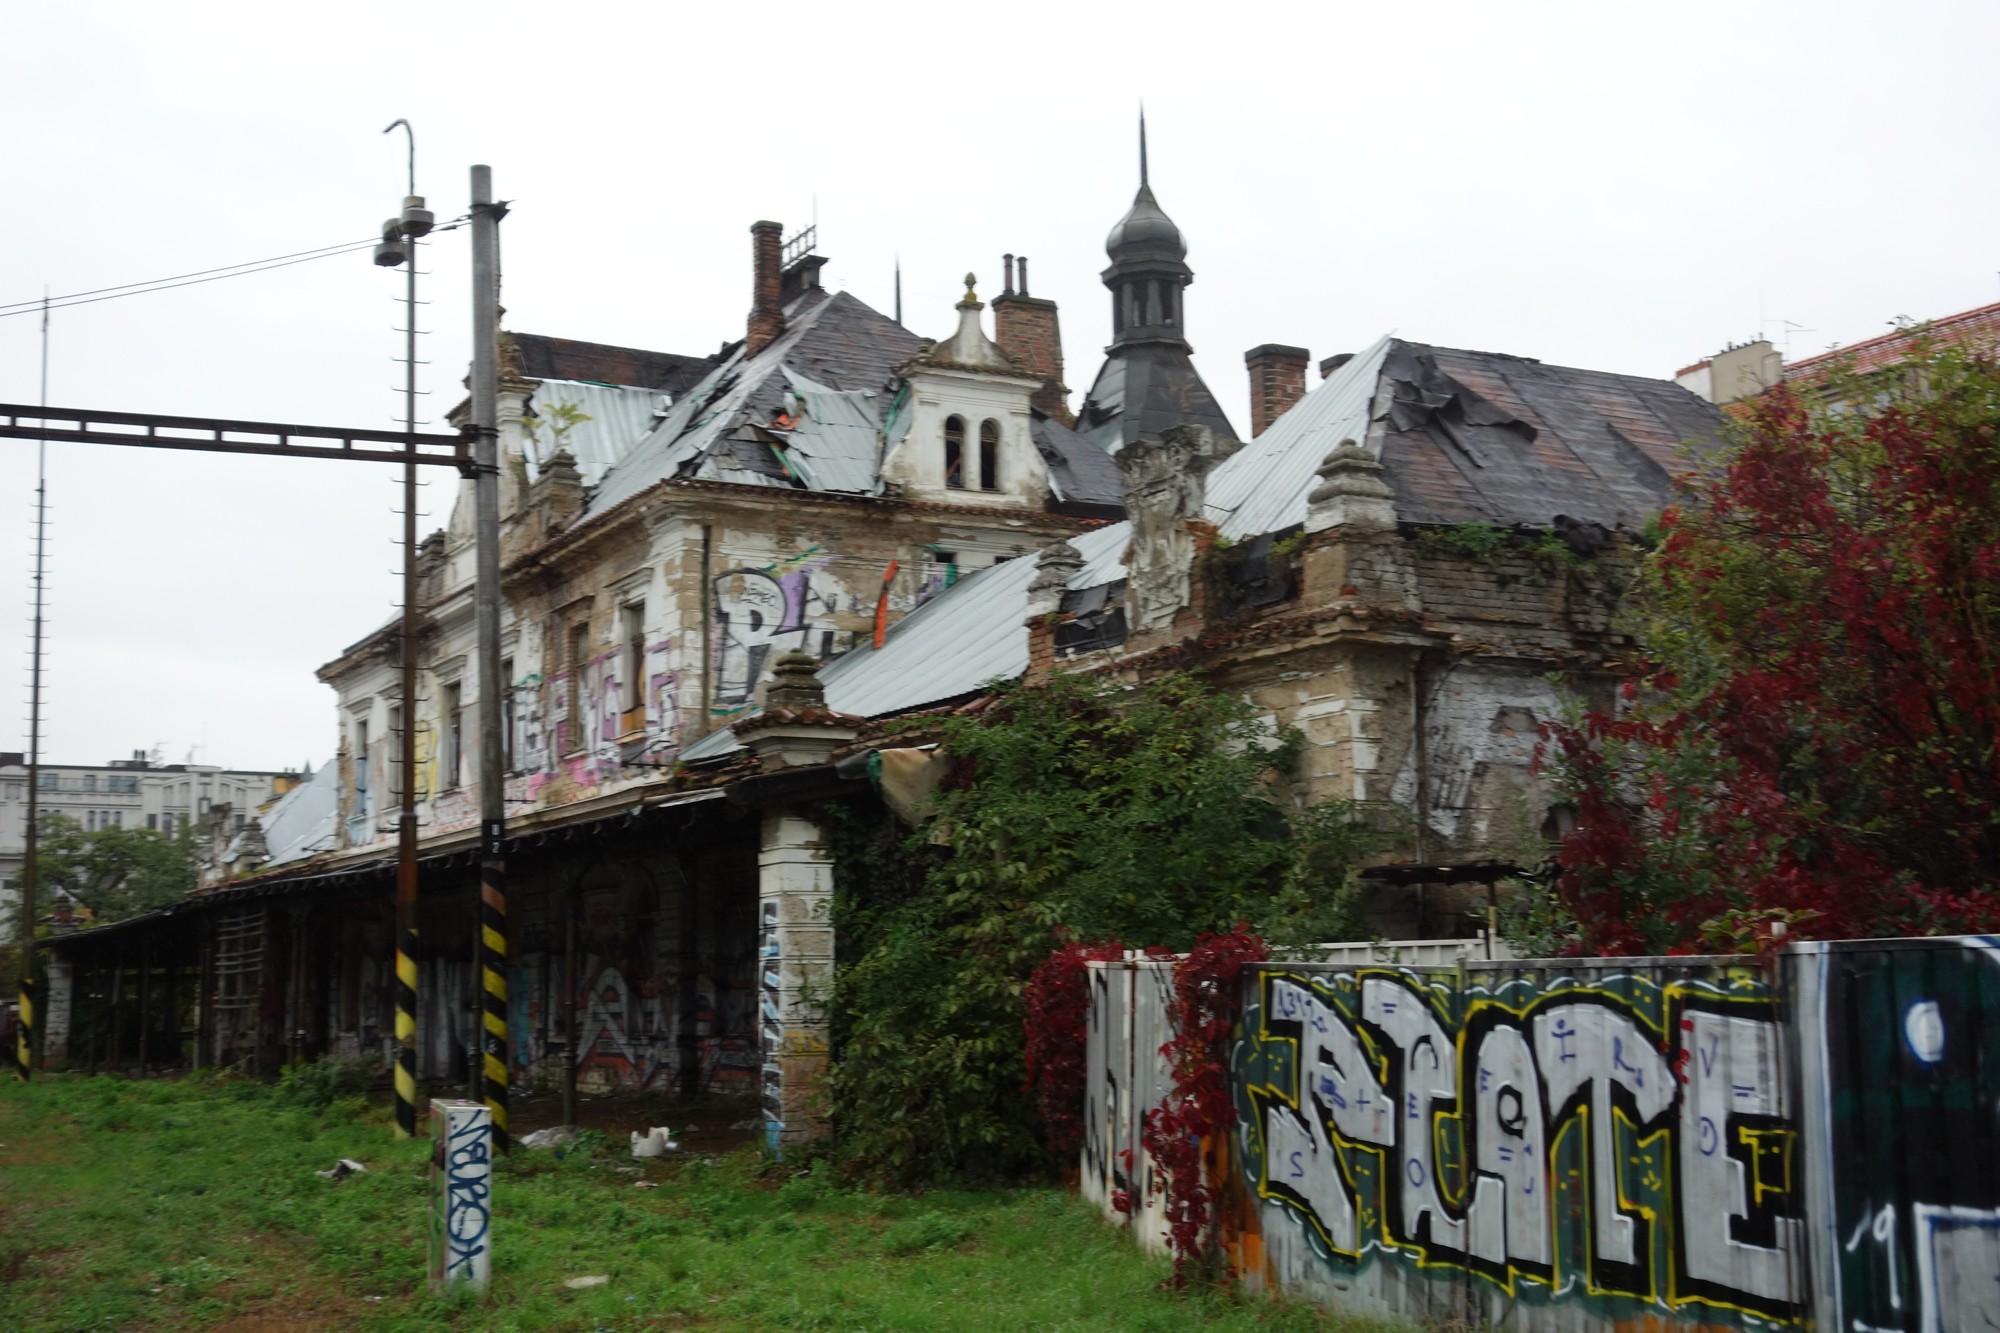 i-doprava.com: Řízená destrukce kulturní památky? Z vyšehradského nádraží před dešti zmizela část střechy. Městská část podala trestní oznámení